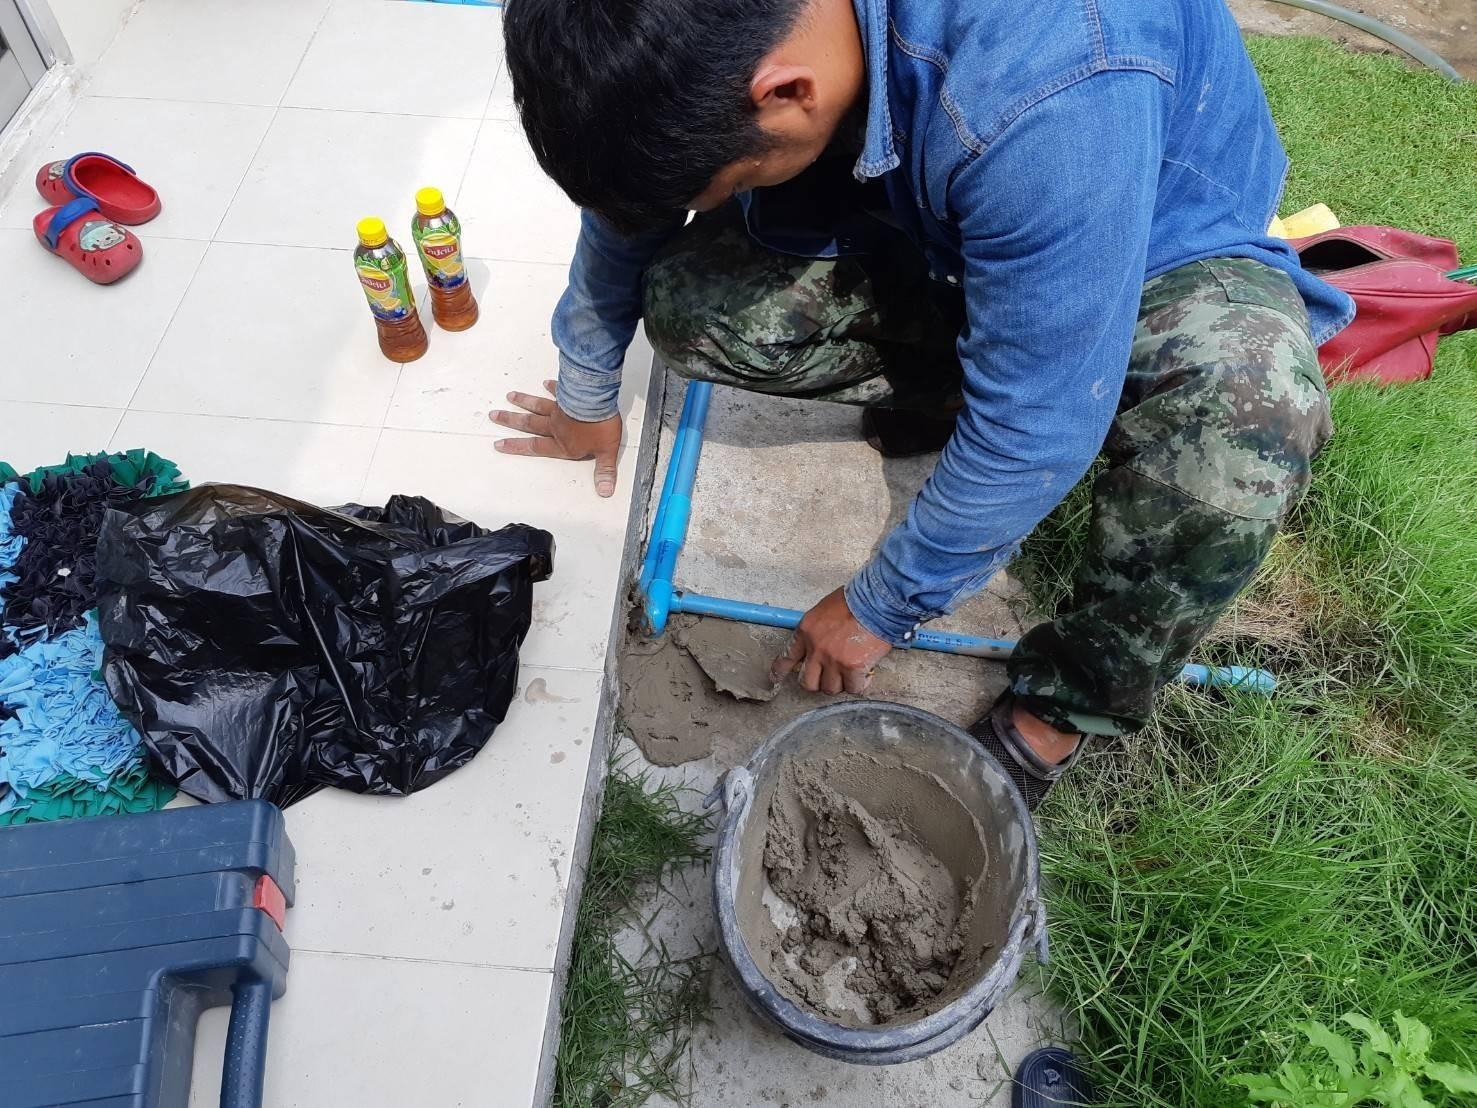 ช่างซ่อม ประปา ไฟฟ้า ปั้มน้ำ ปทุมธานี ด่วน 0882750965 id line: @ckj5753k